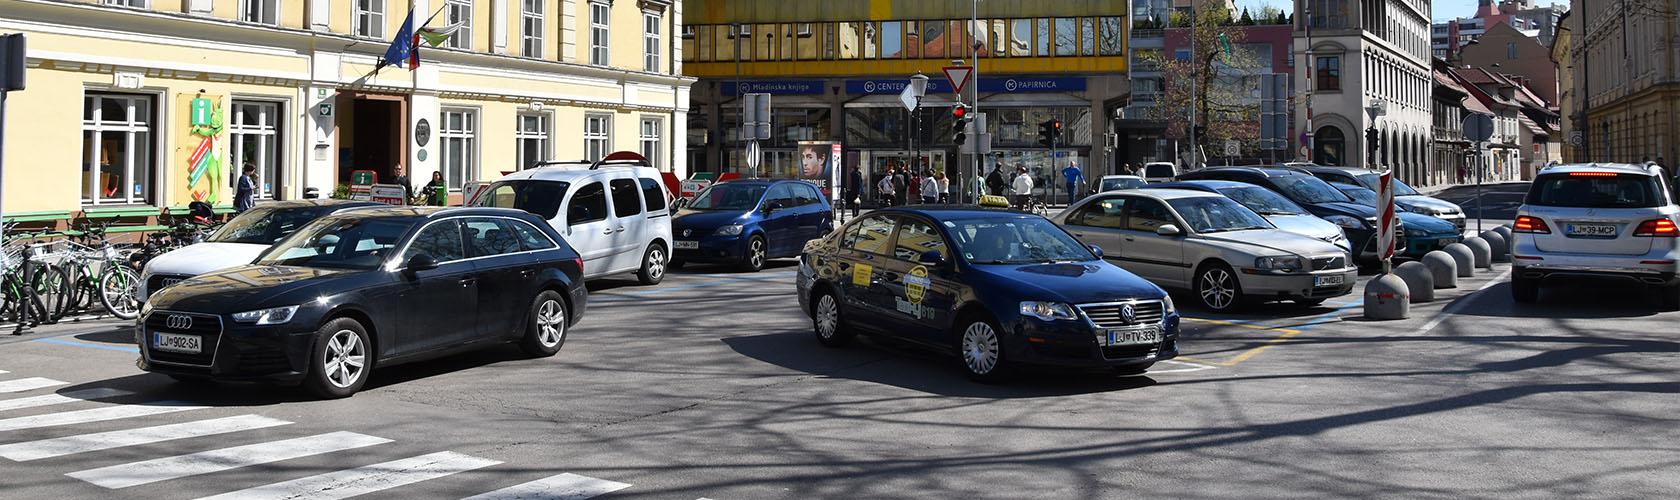 Taxi's in Ljubljana